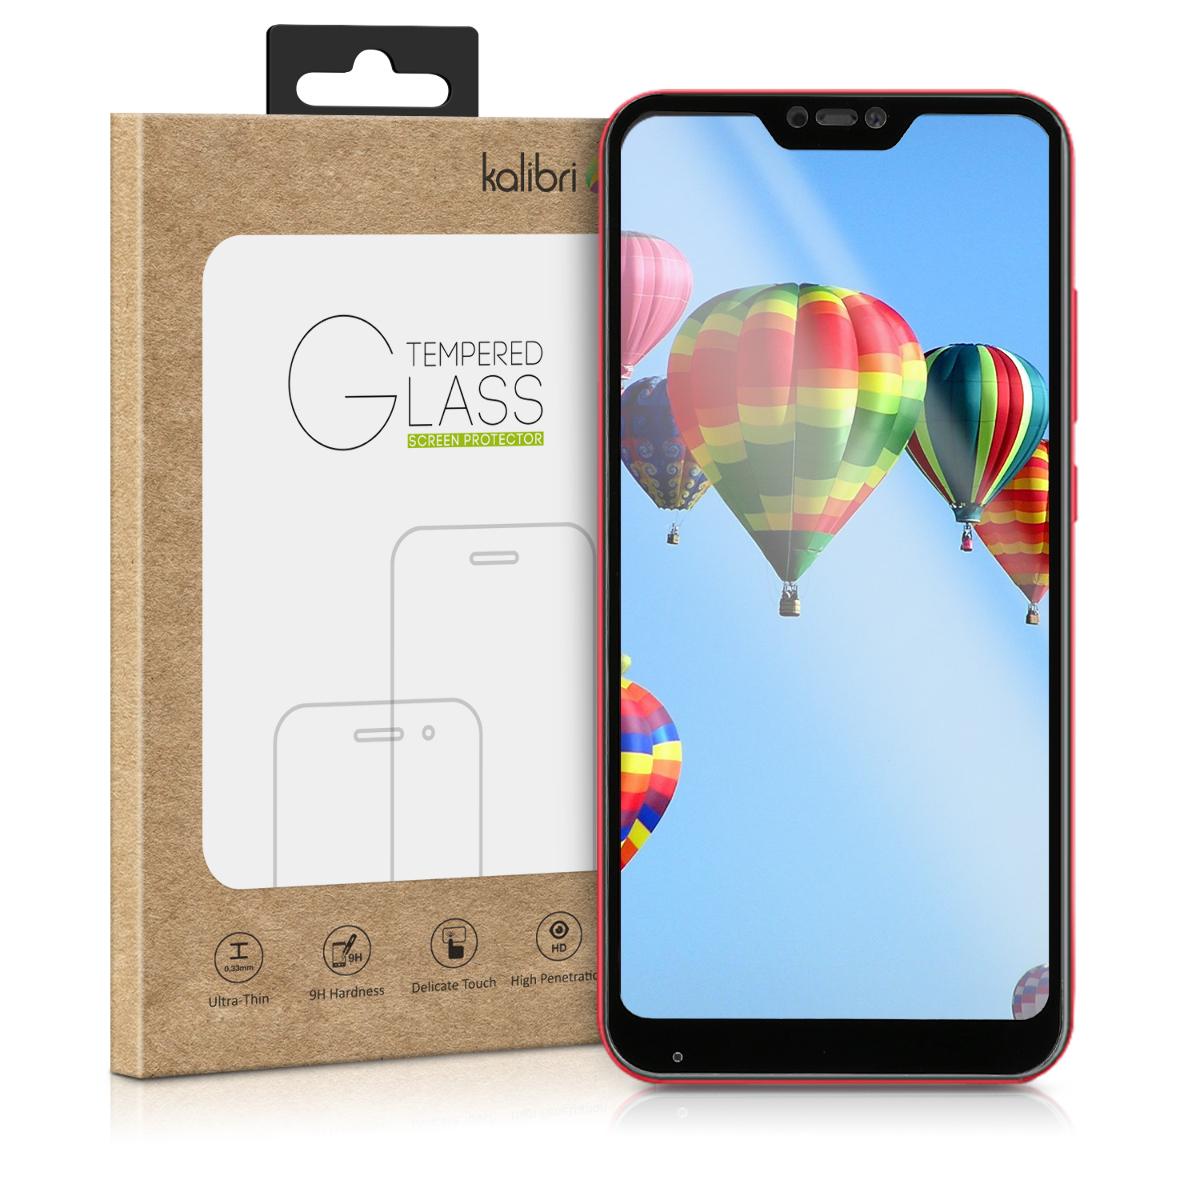 Kalibri Tempered Glass - Fullface Αντιχαρακτικό Γυαλί Οθόνης Xiaomi Redmi 6 Pro / Mi A2 Lite (45729.01)